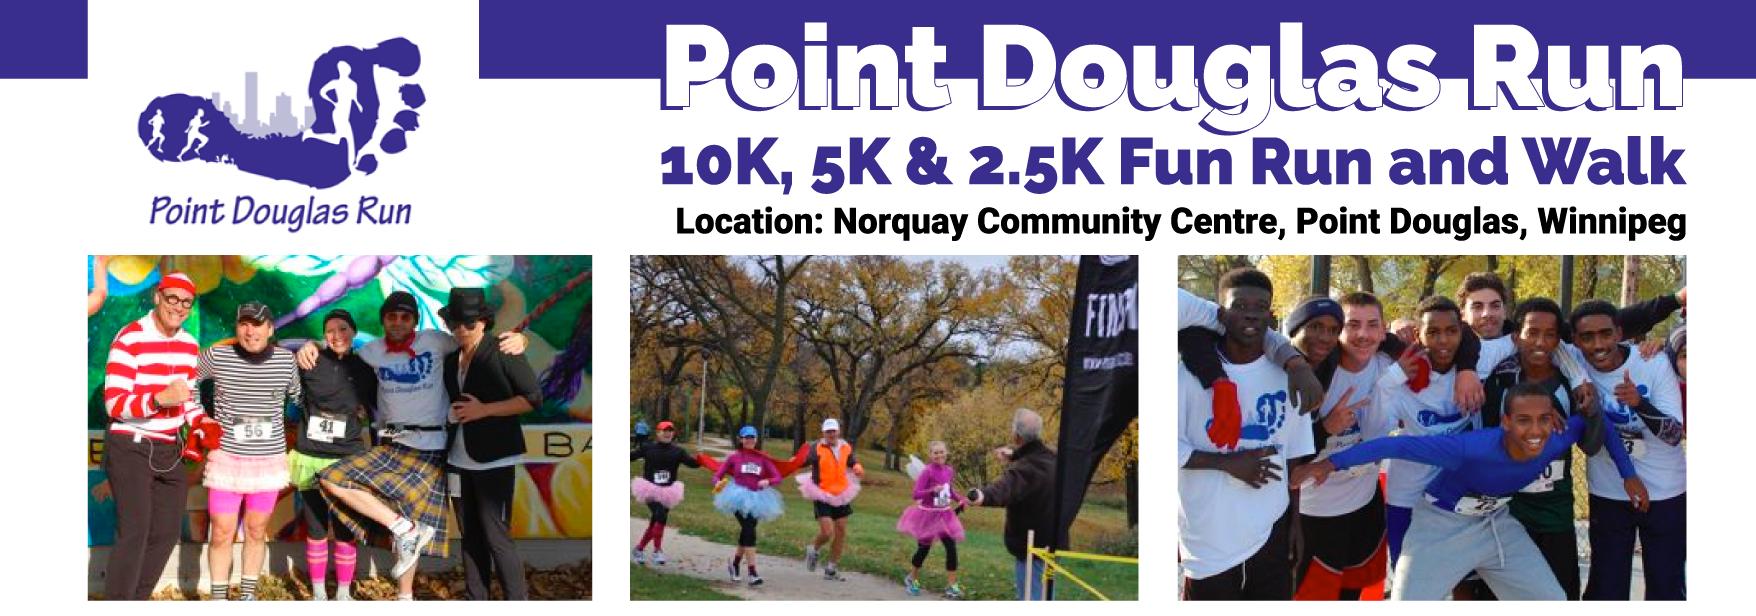 Point Douglas Run